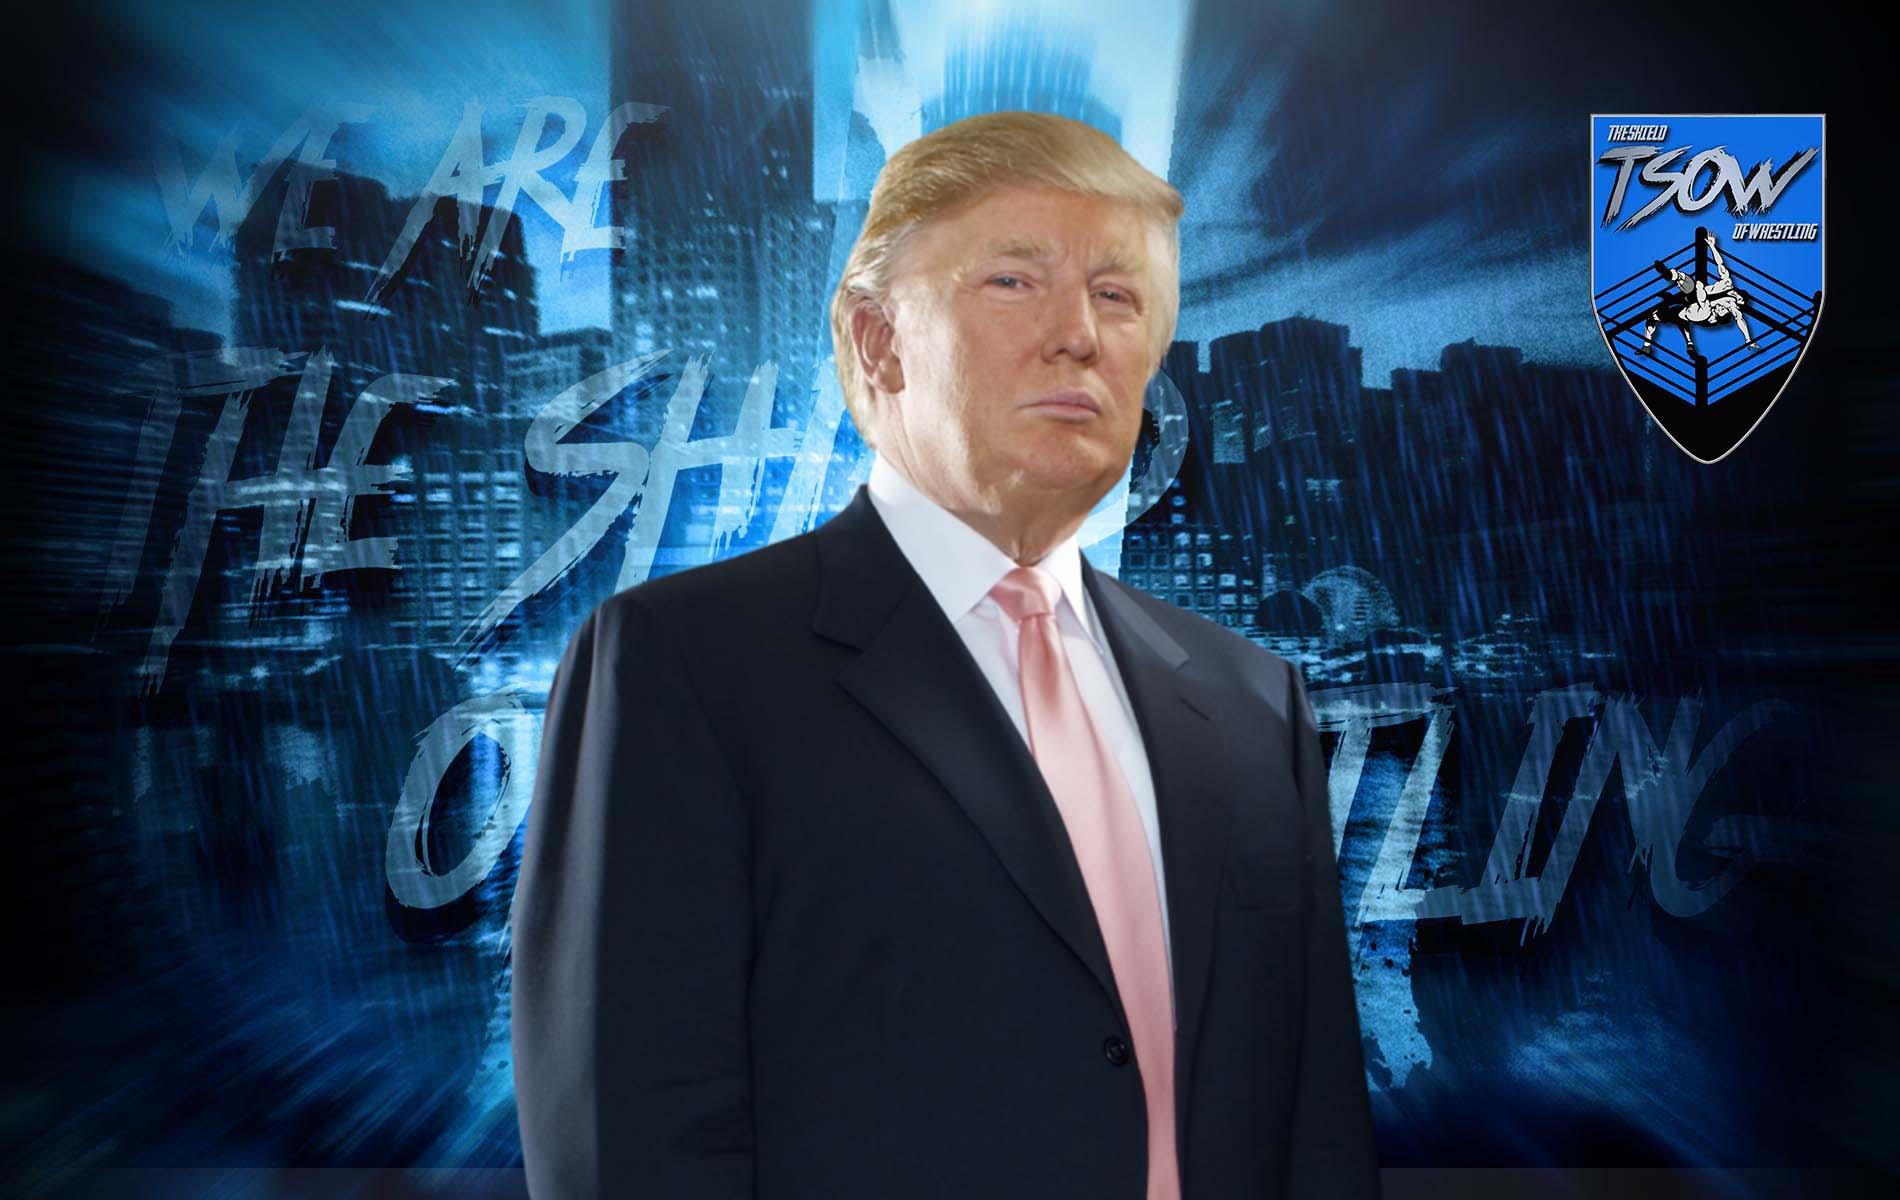 Donald Trump tornerà in WWE dopo le elezioni?